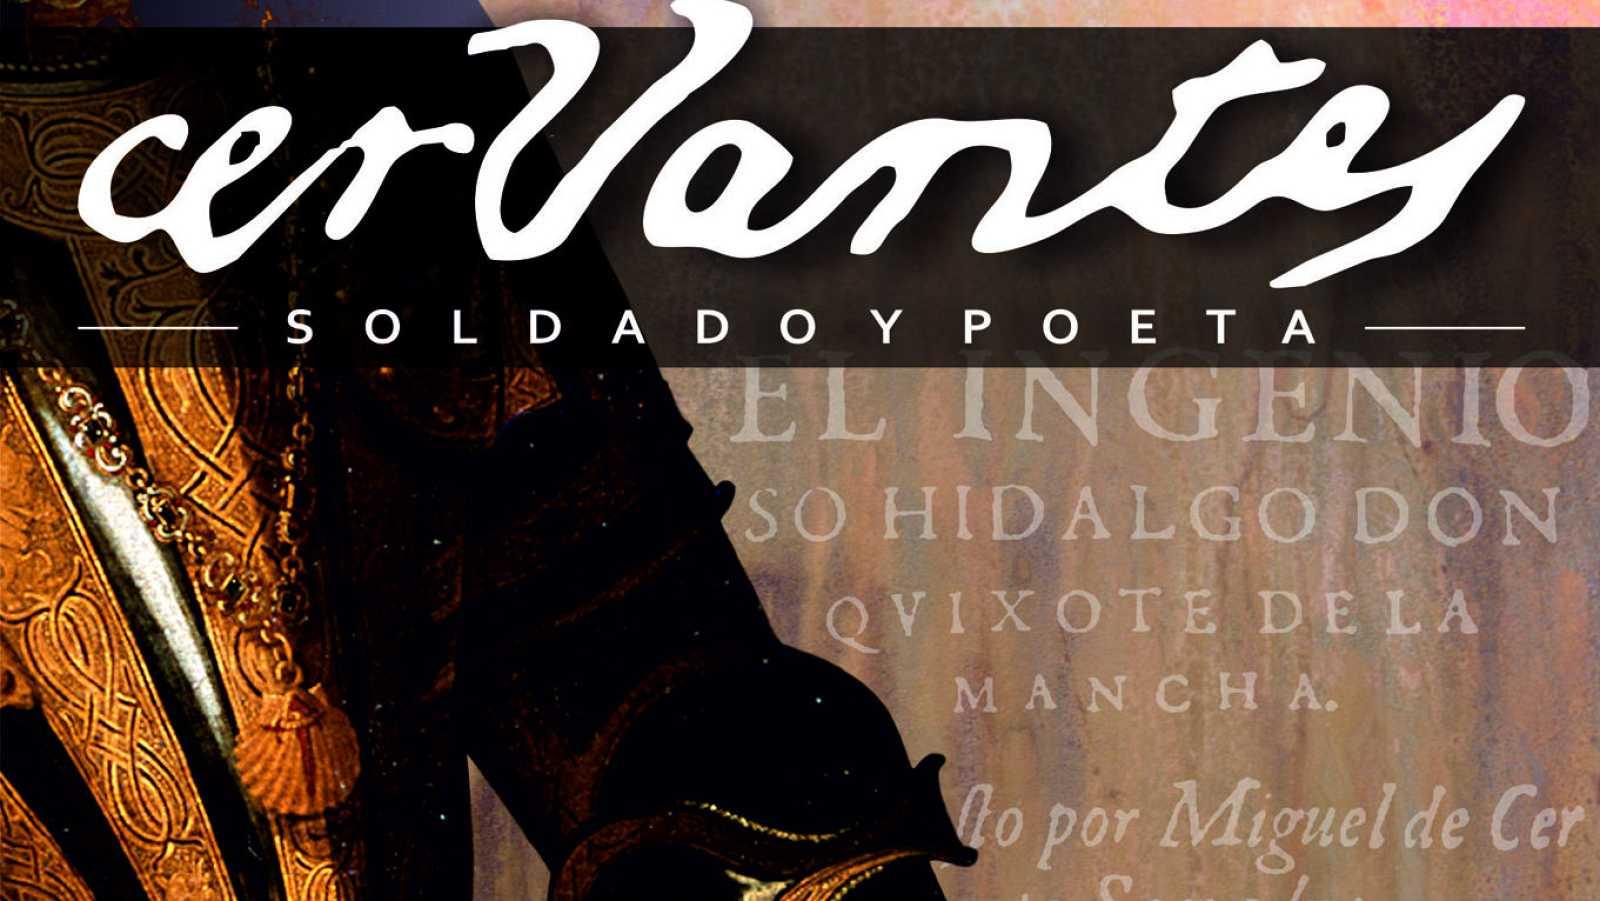 Minutos cervantinos - Cervantes poeta - 17/06/17 - Escuchar ahora